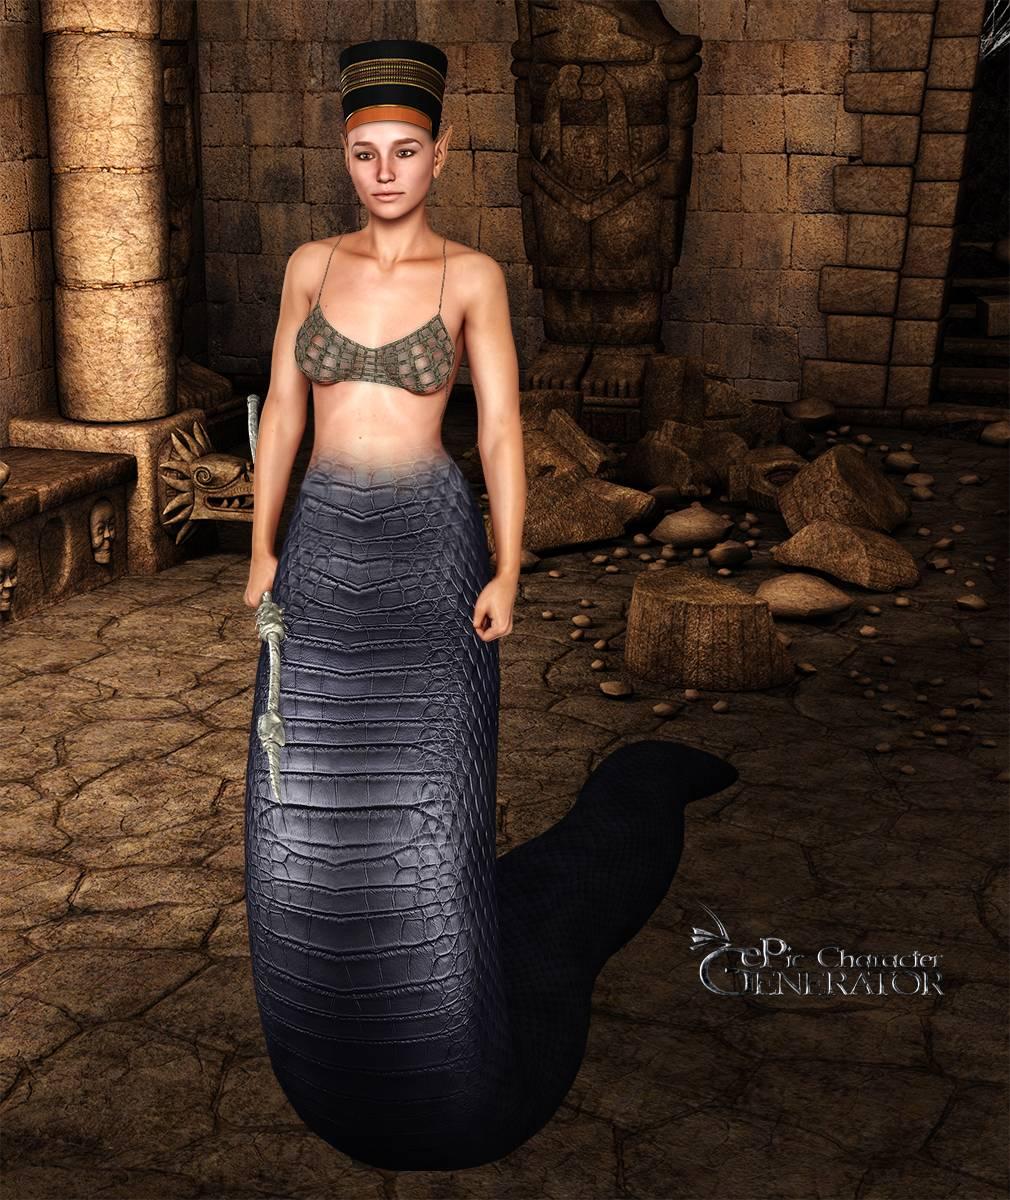 ePic Character Generator Season 2 Female Supernatural Screenshot 15